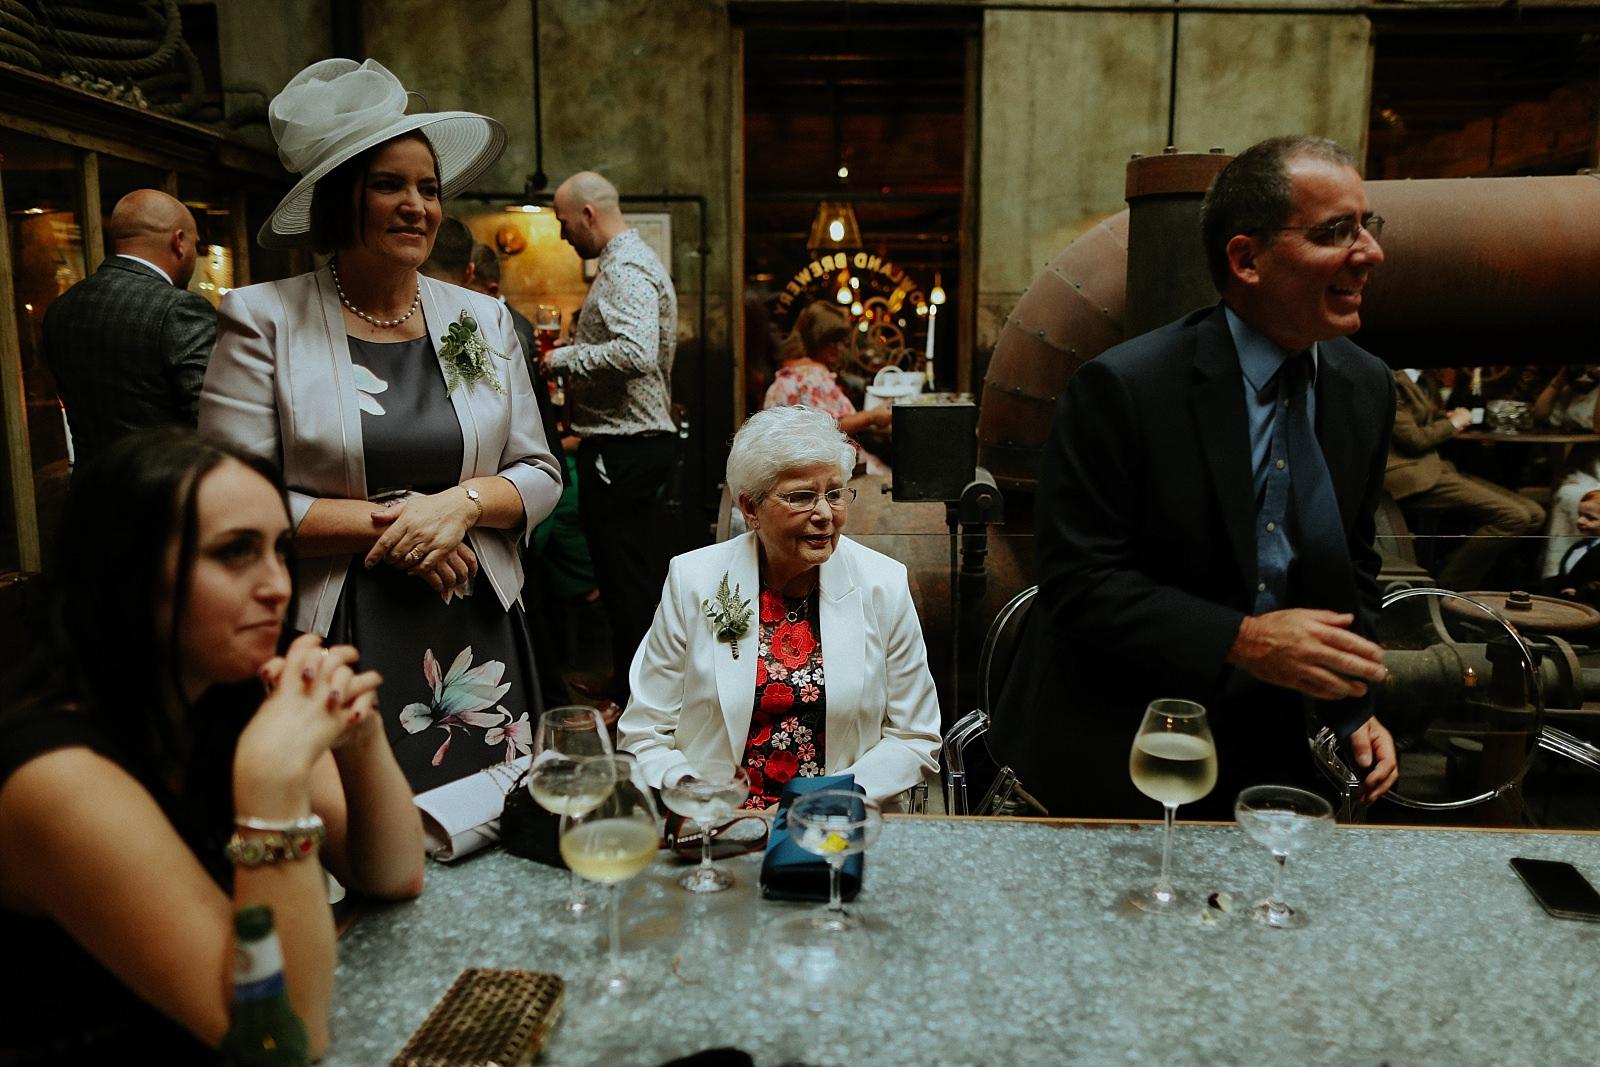 grandparents at a wedding